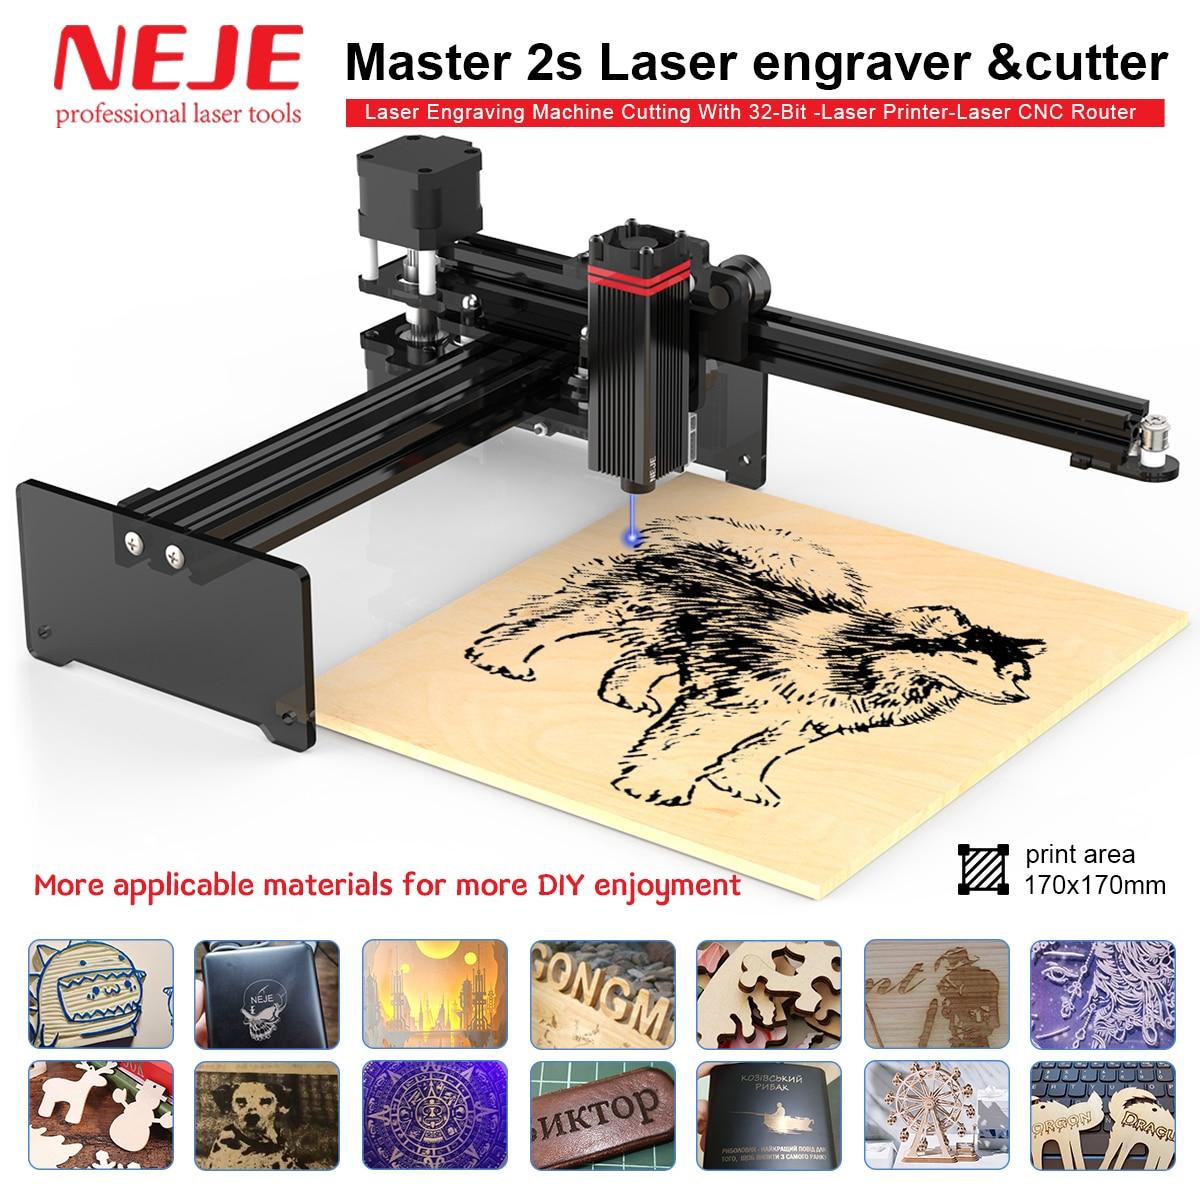 Лазерный гравировальный станок NEJE Master 2S, настольный лазерный резак для резки лазерного принтера, фрезерный станок с ЧПУ, беспроводное прило...